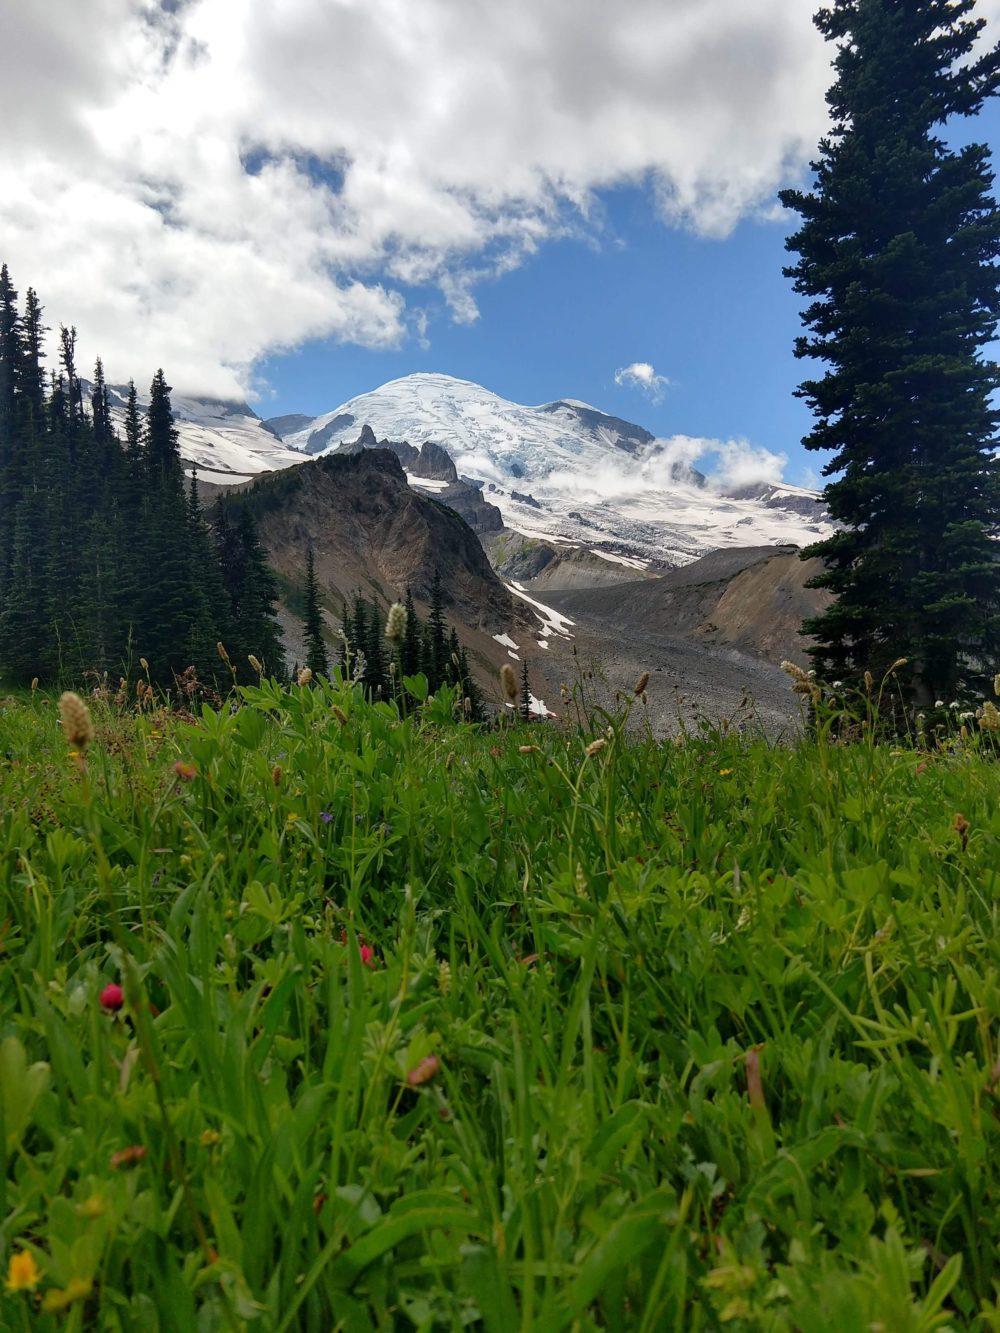 The summit of Mount Rainier